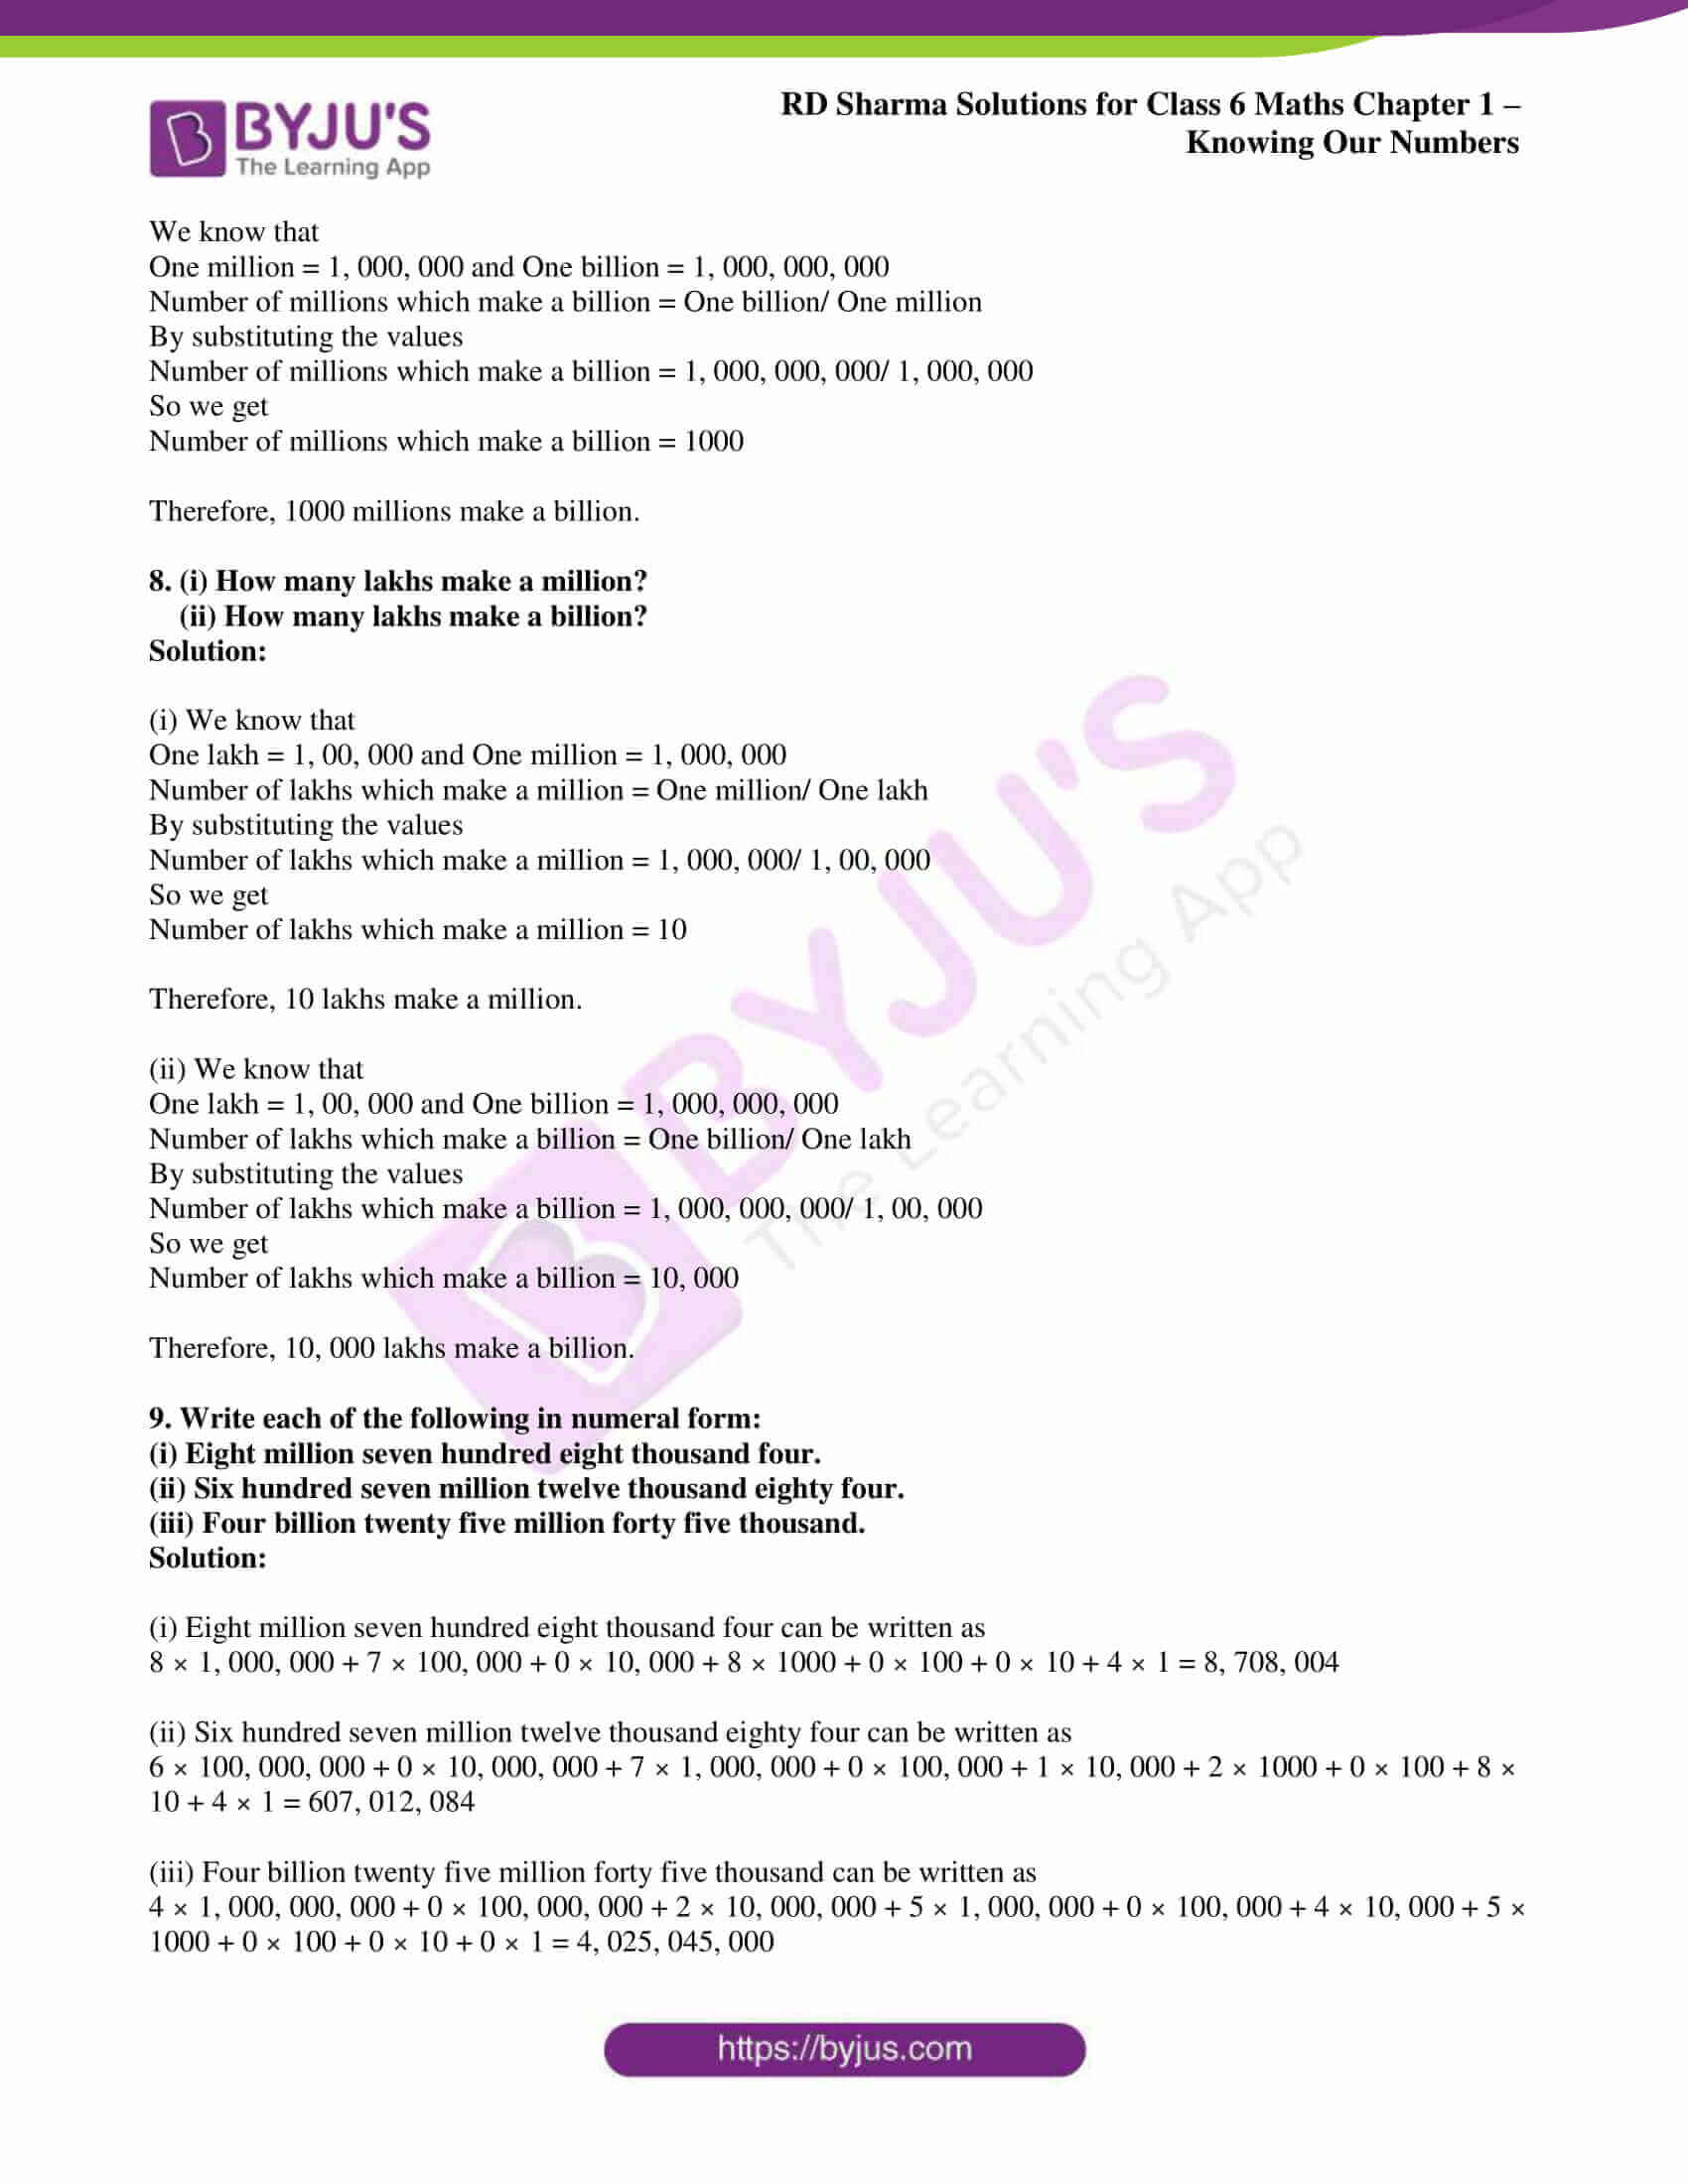 rd sharma class 6 maths solutions chapter 1 ex 2 3